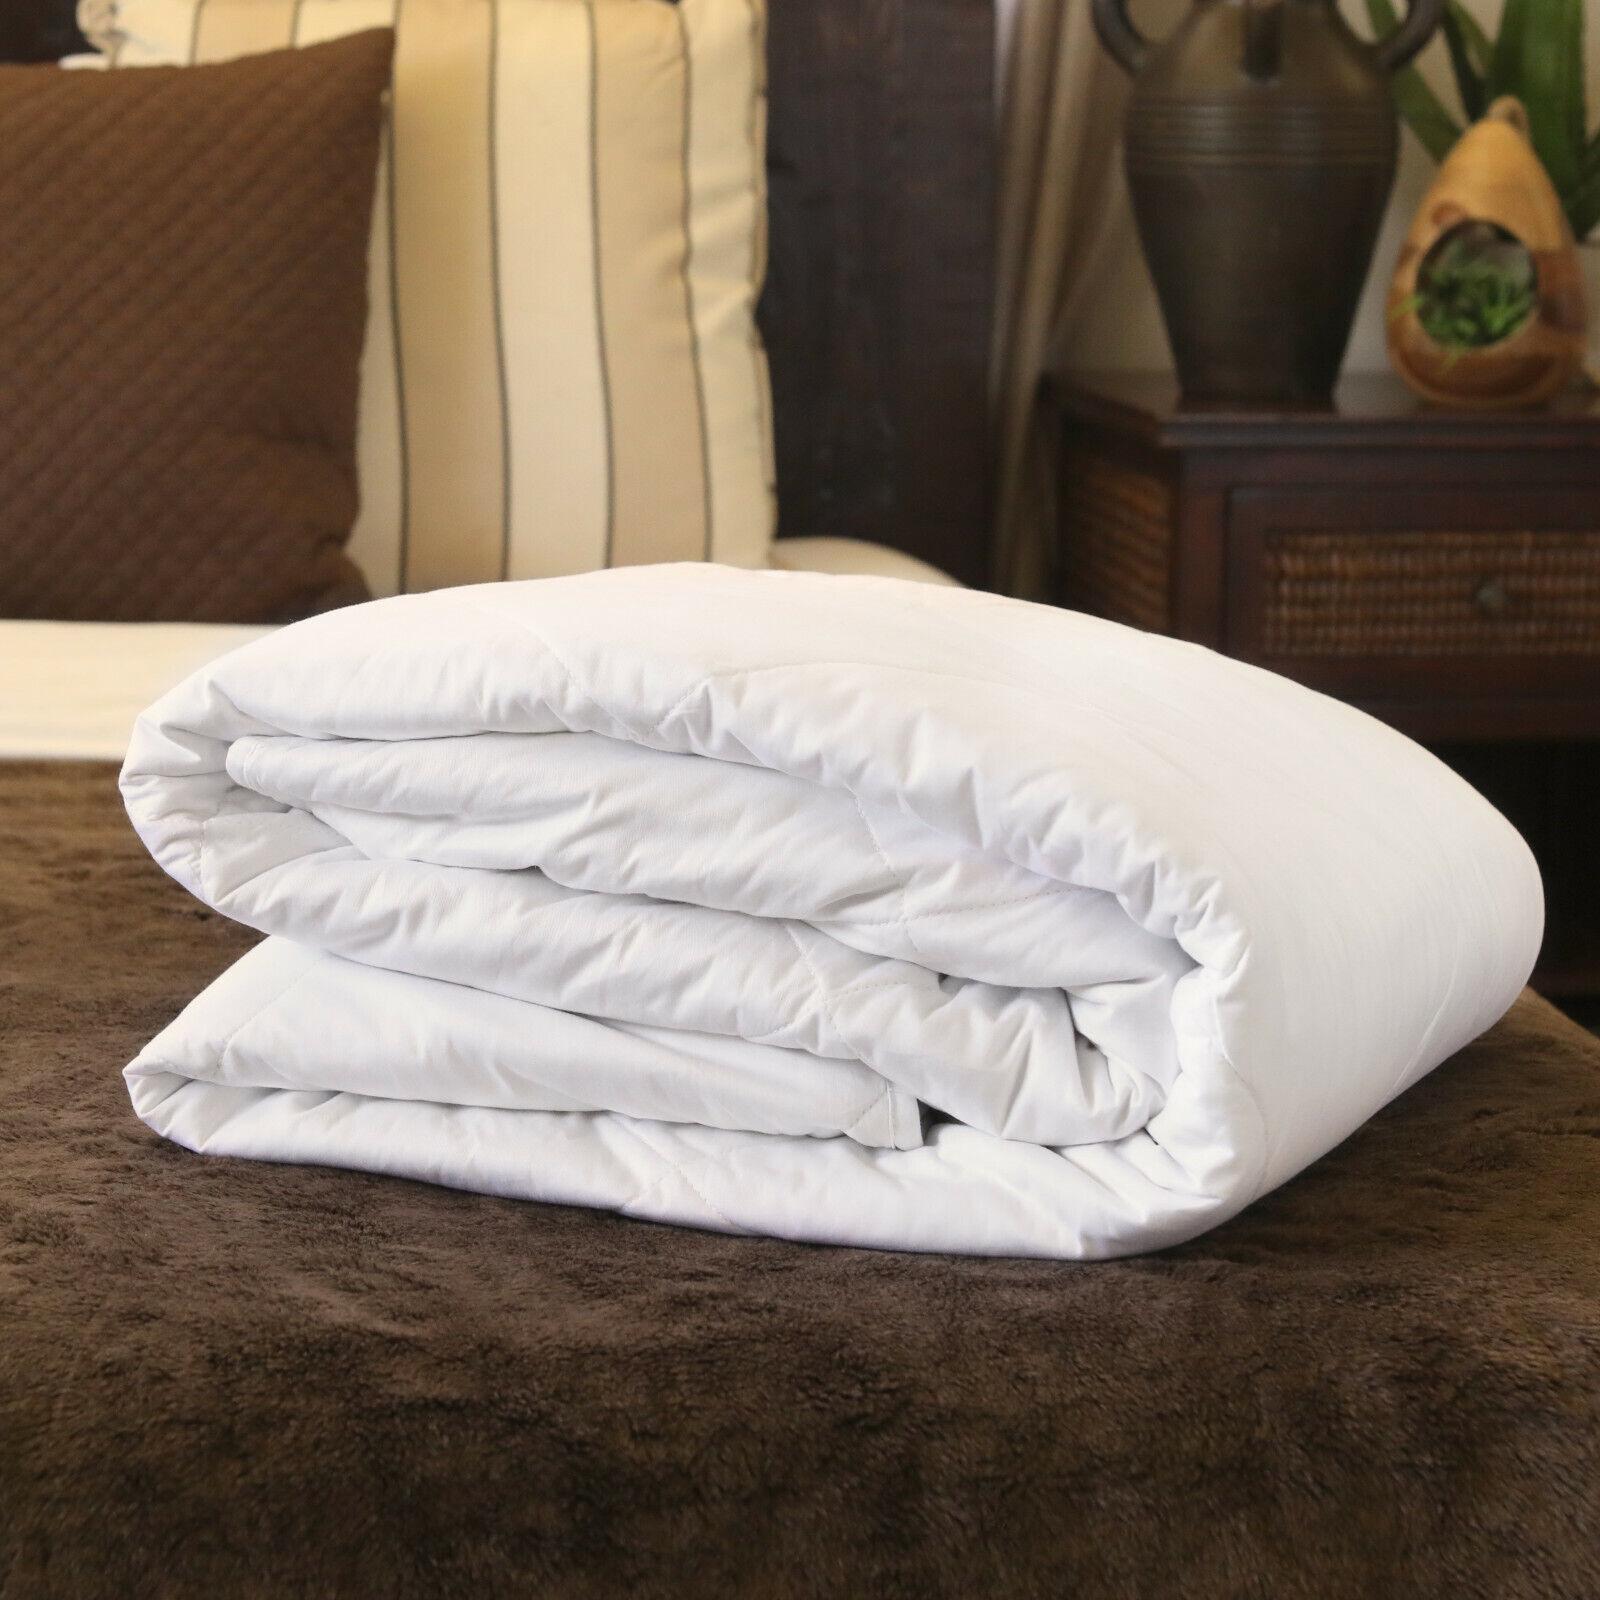 Luxury Mulberry Silk-Filled Duvet. Spring Autumn Weight. All Bed Größes.